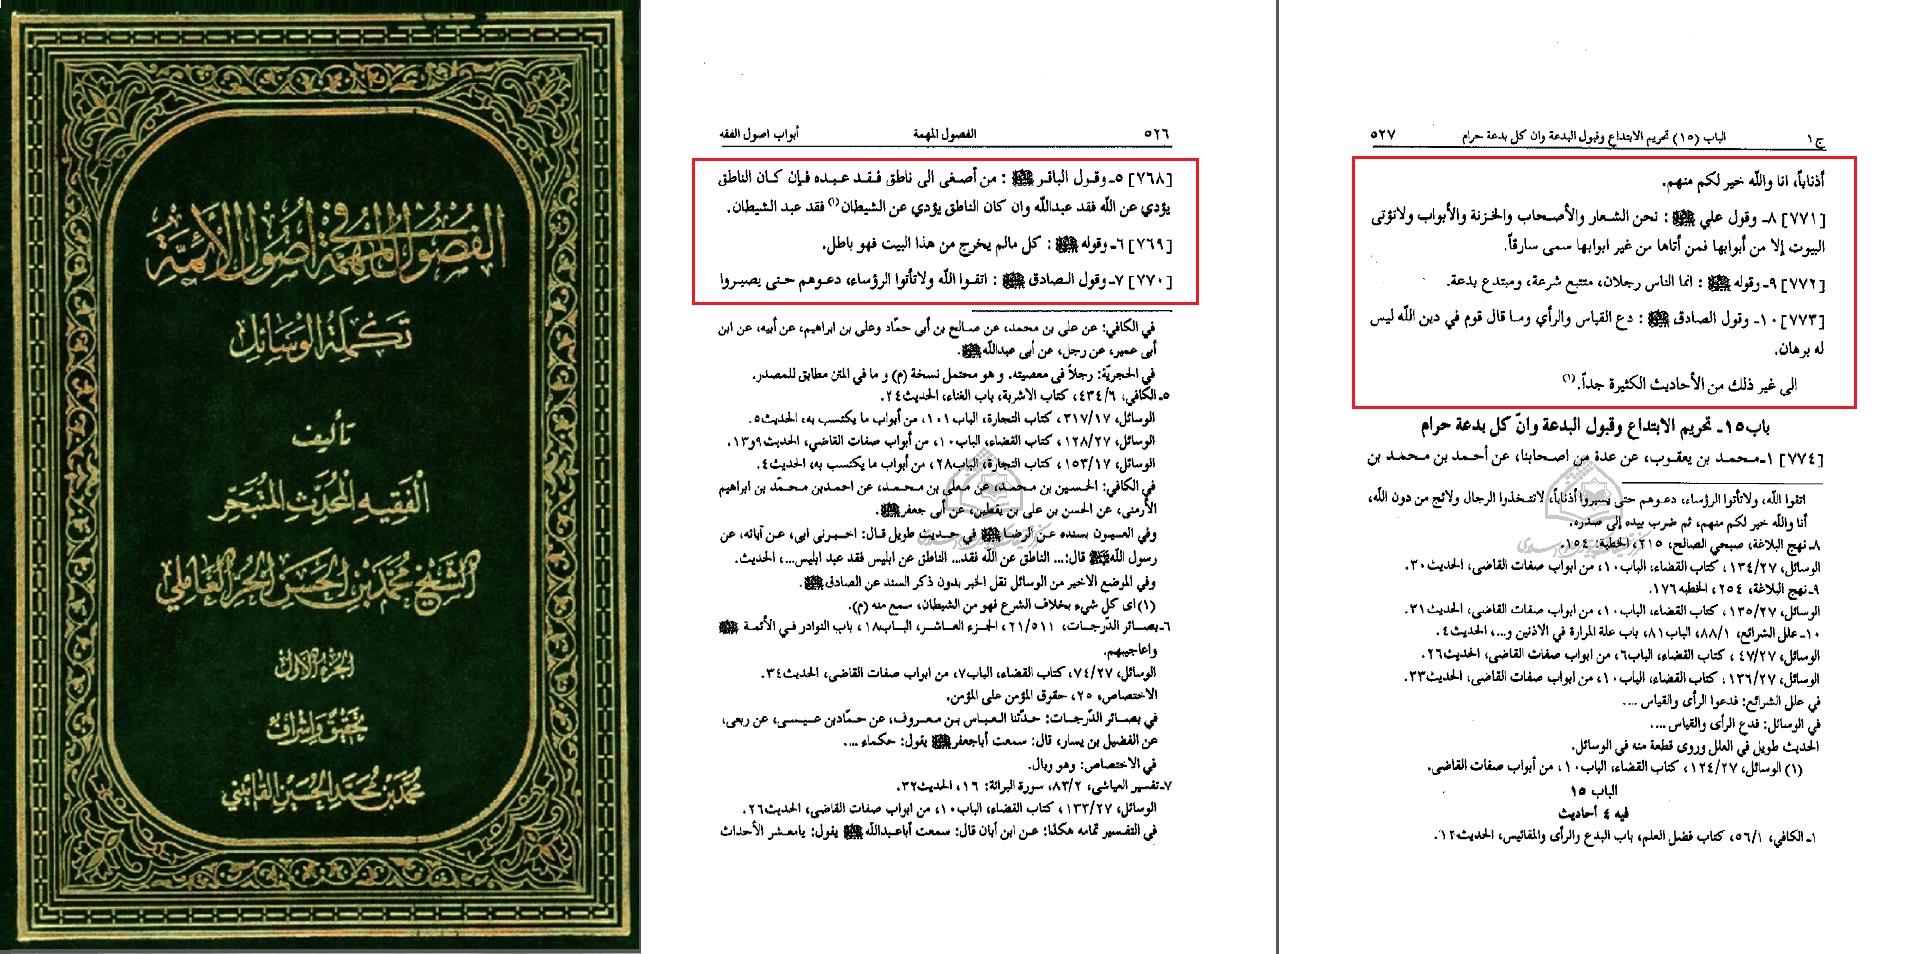 Fosul-e Mohemmeh B 1 S 526 - 527